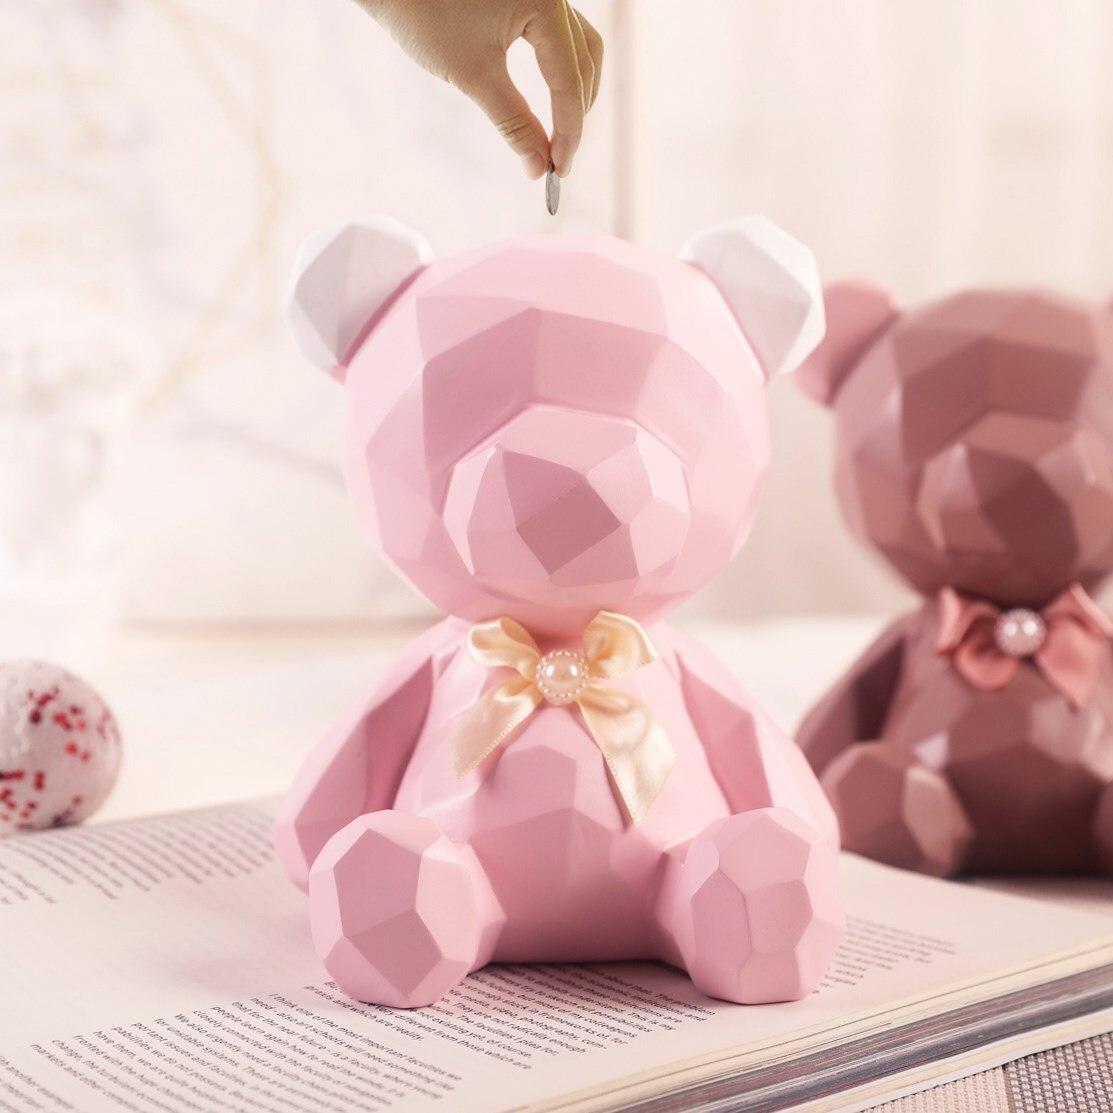 Nordique creative ours banque abstraite ours figurine d'anniversaire cadeaux pour filles tirelire banque tirelire caisse boîte de dépôt